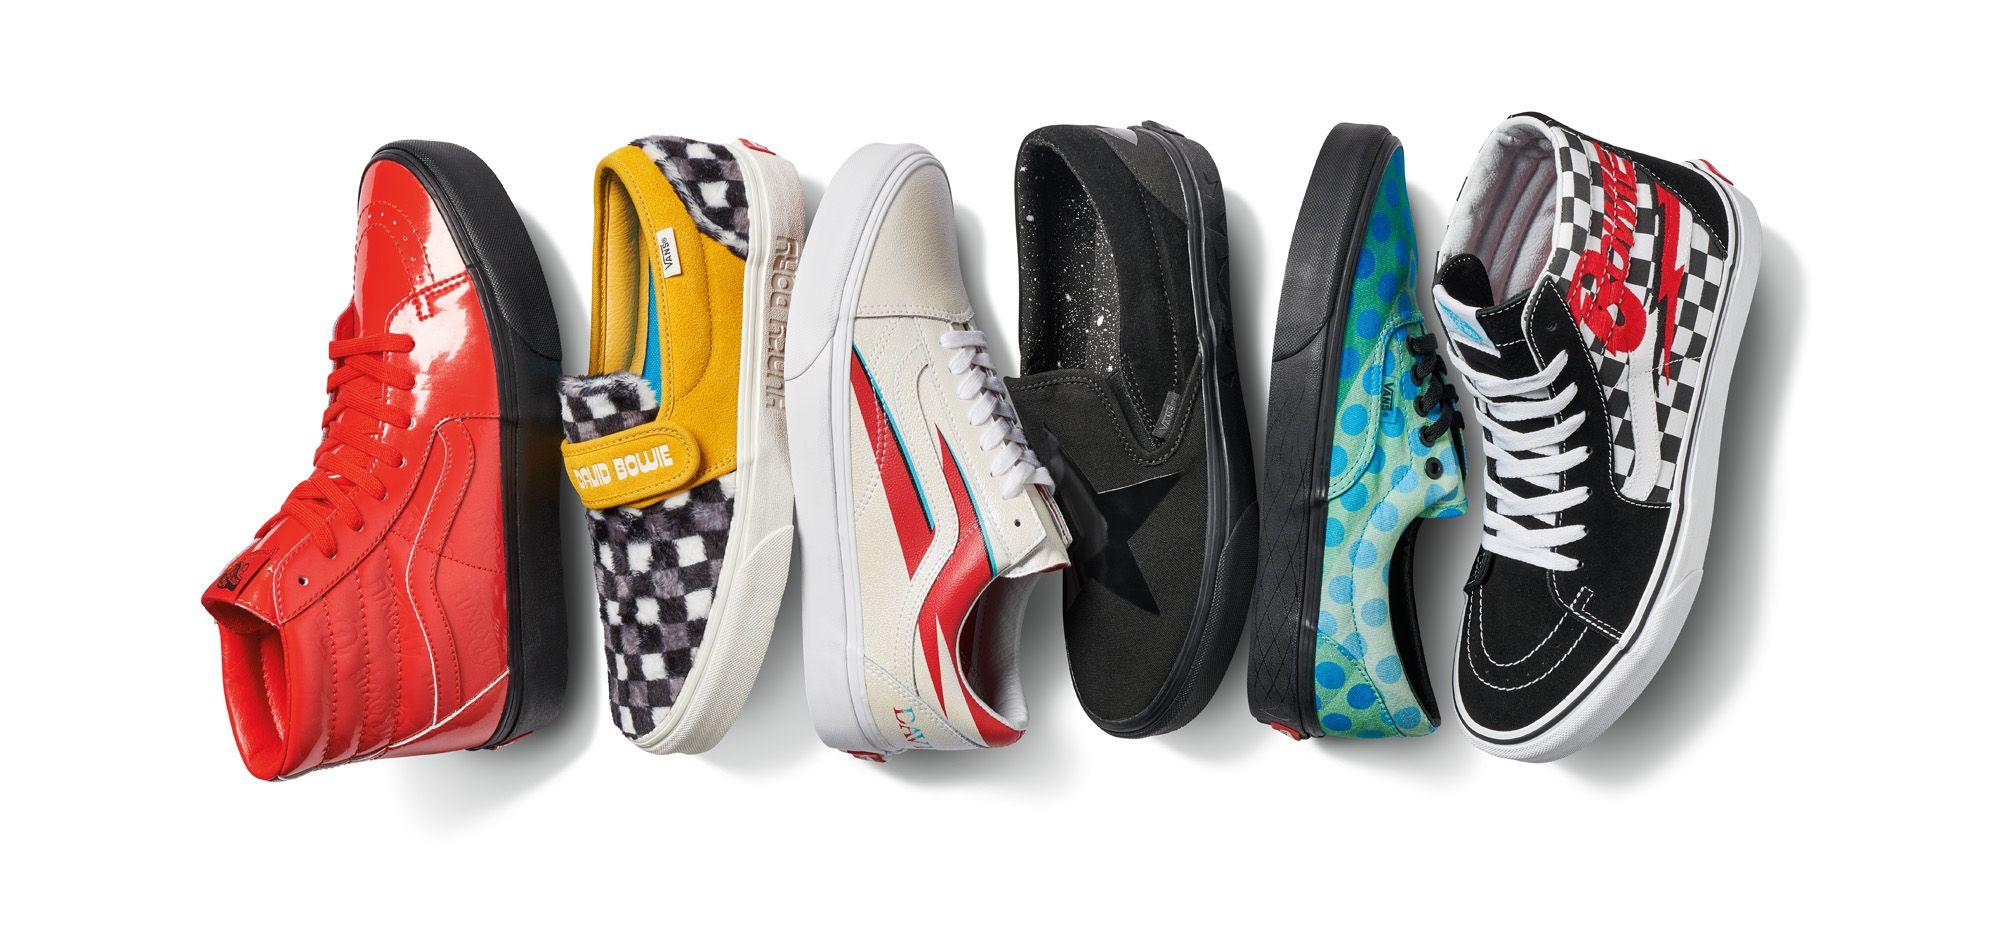 Vans, David Bowie y la colección de zapatillas apta para mitómanos ...